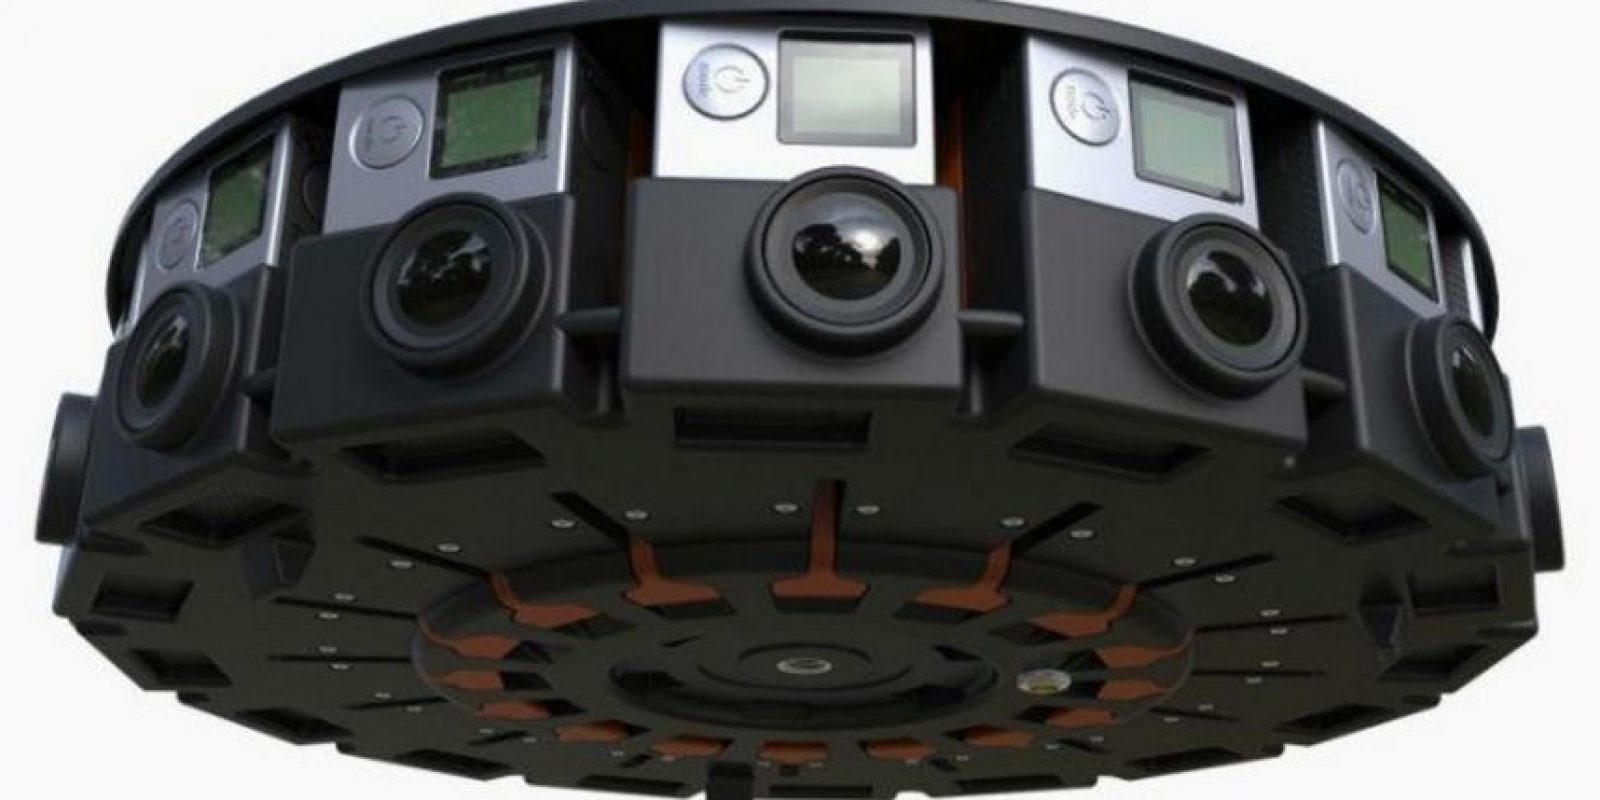 Google y GoPro se asociaron para grabar realidad virtual con 16 cámaras y el video se podrá reproducir en YouTube. Foto:Google